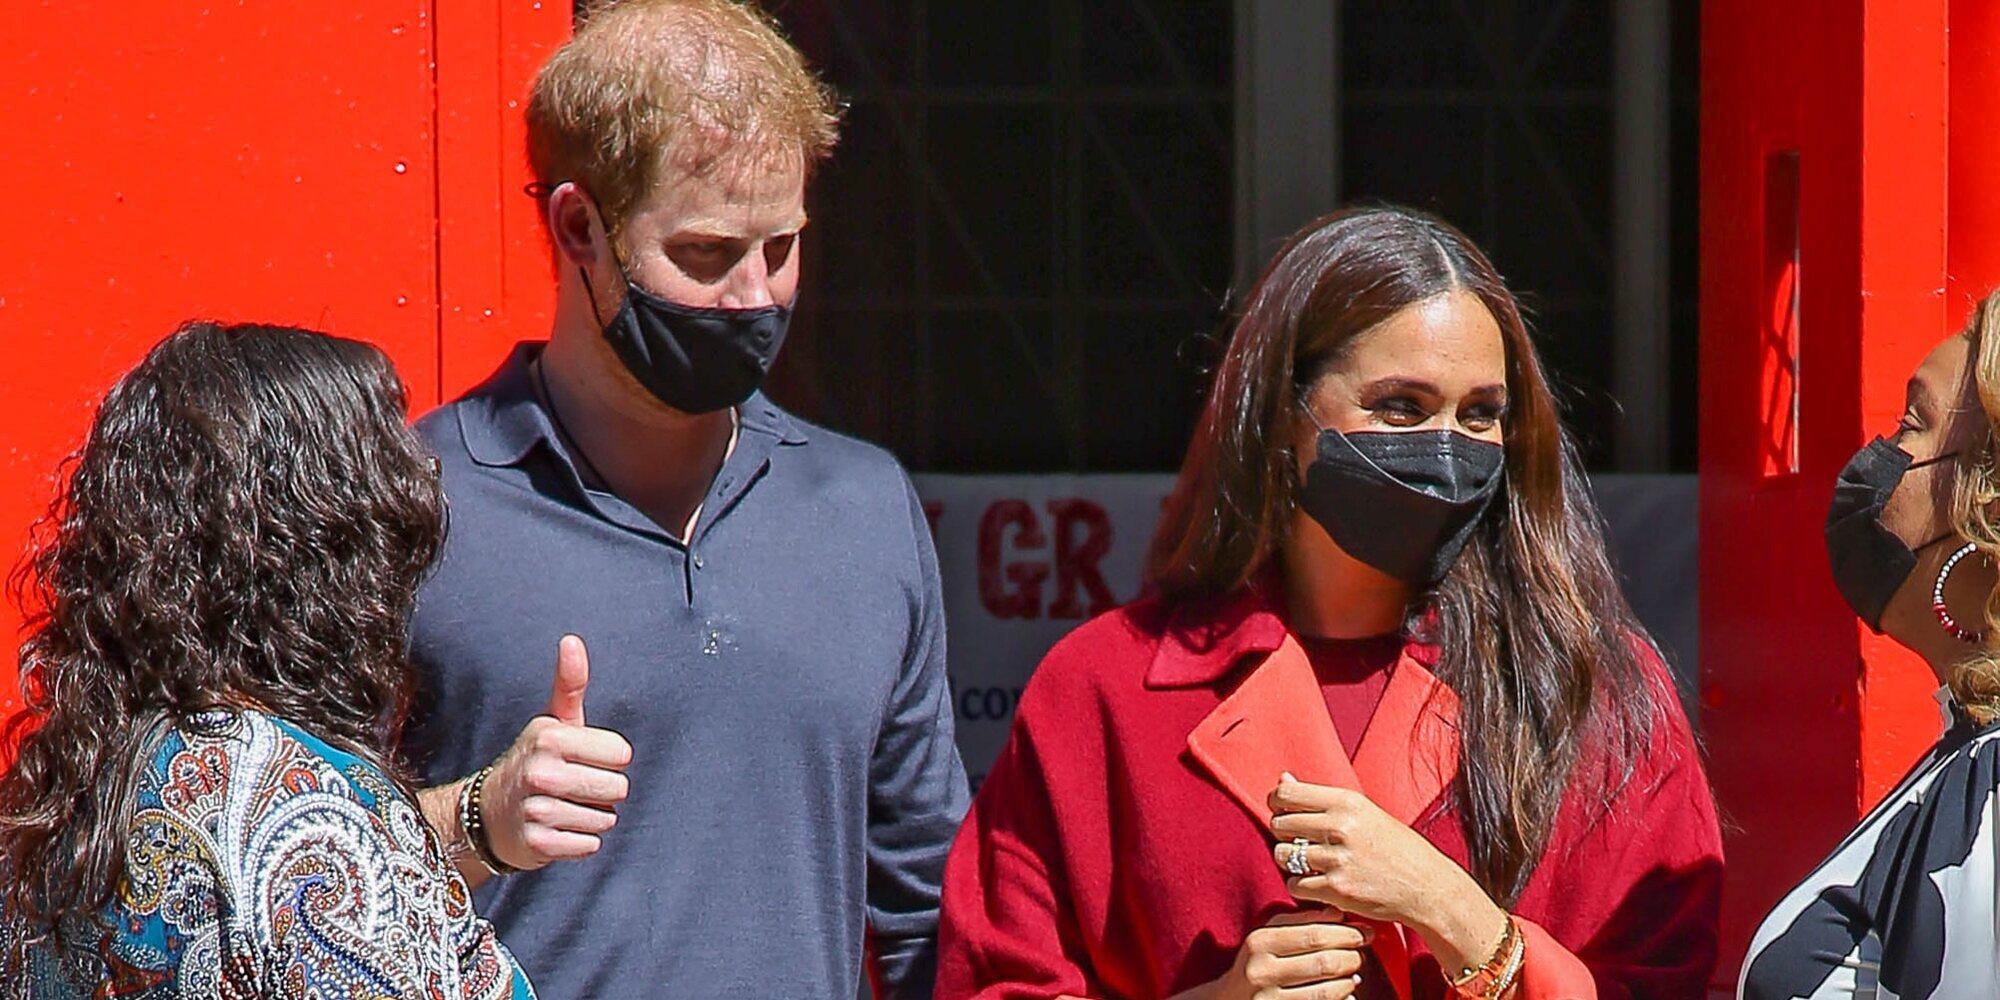 La visita sorpresa del Príncipe Harry y Meghan Markle a un colegio en Nueva York